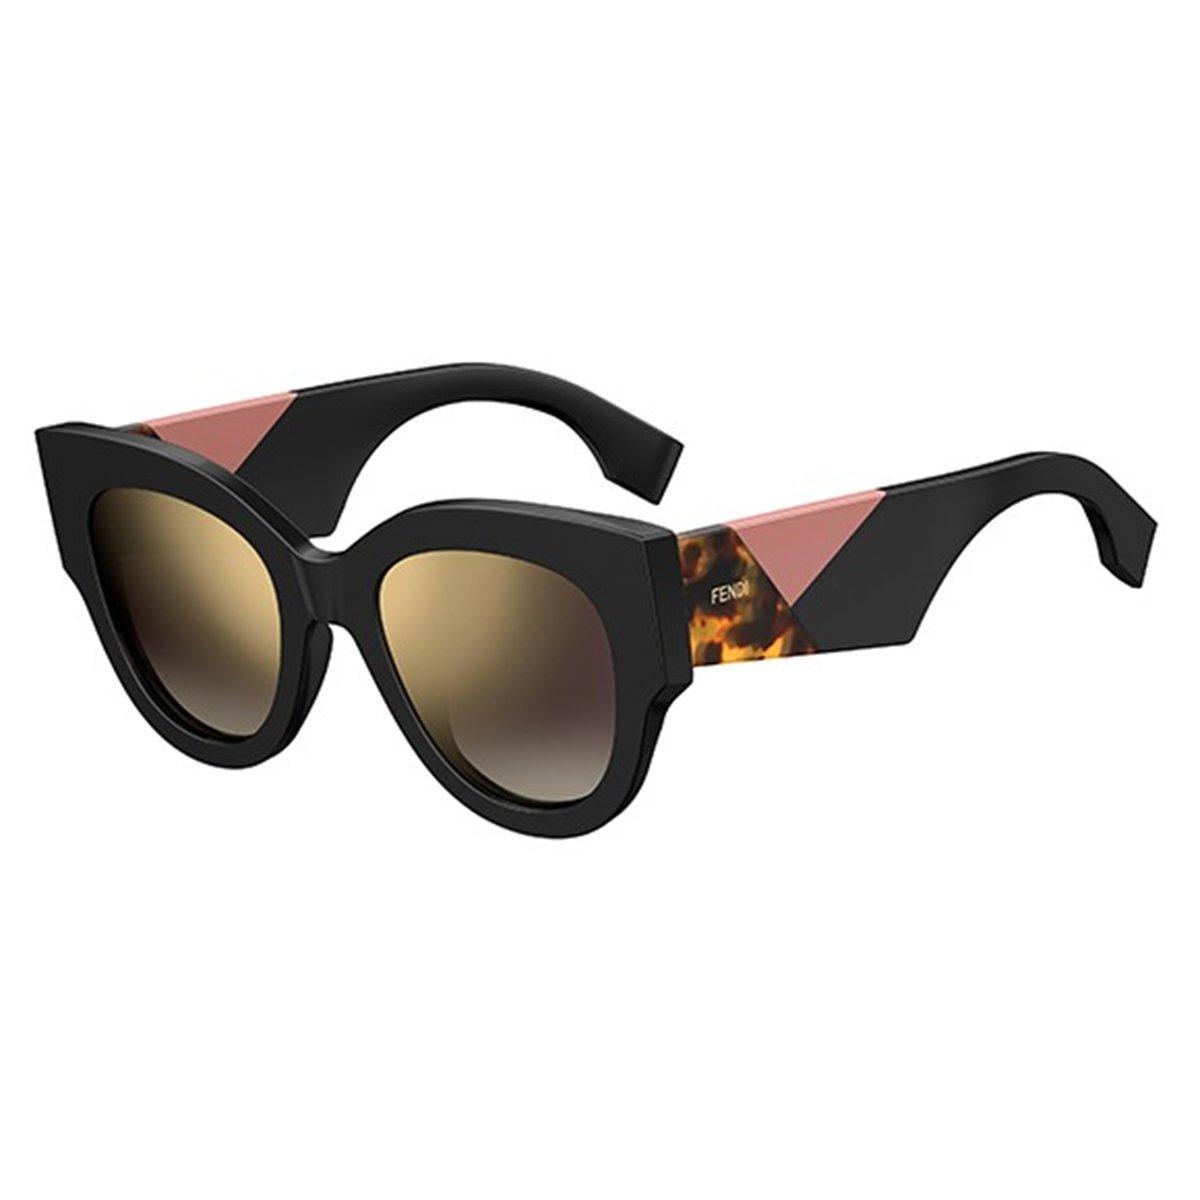 4f460591cb287 Compre Óculos de Sol Fendi Facets em 10X